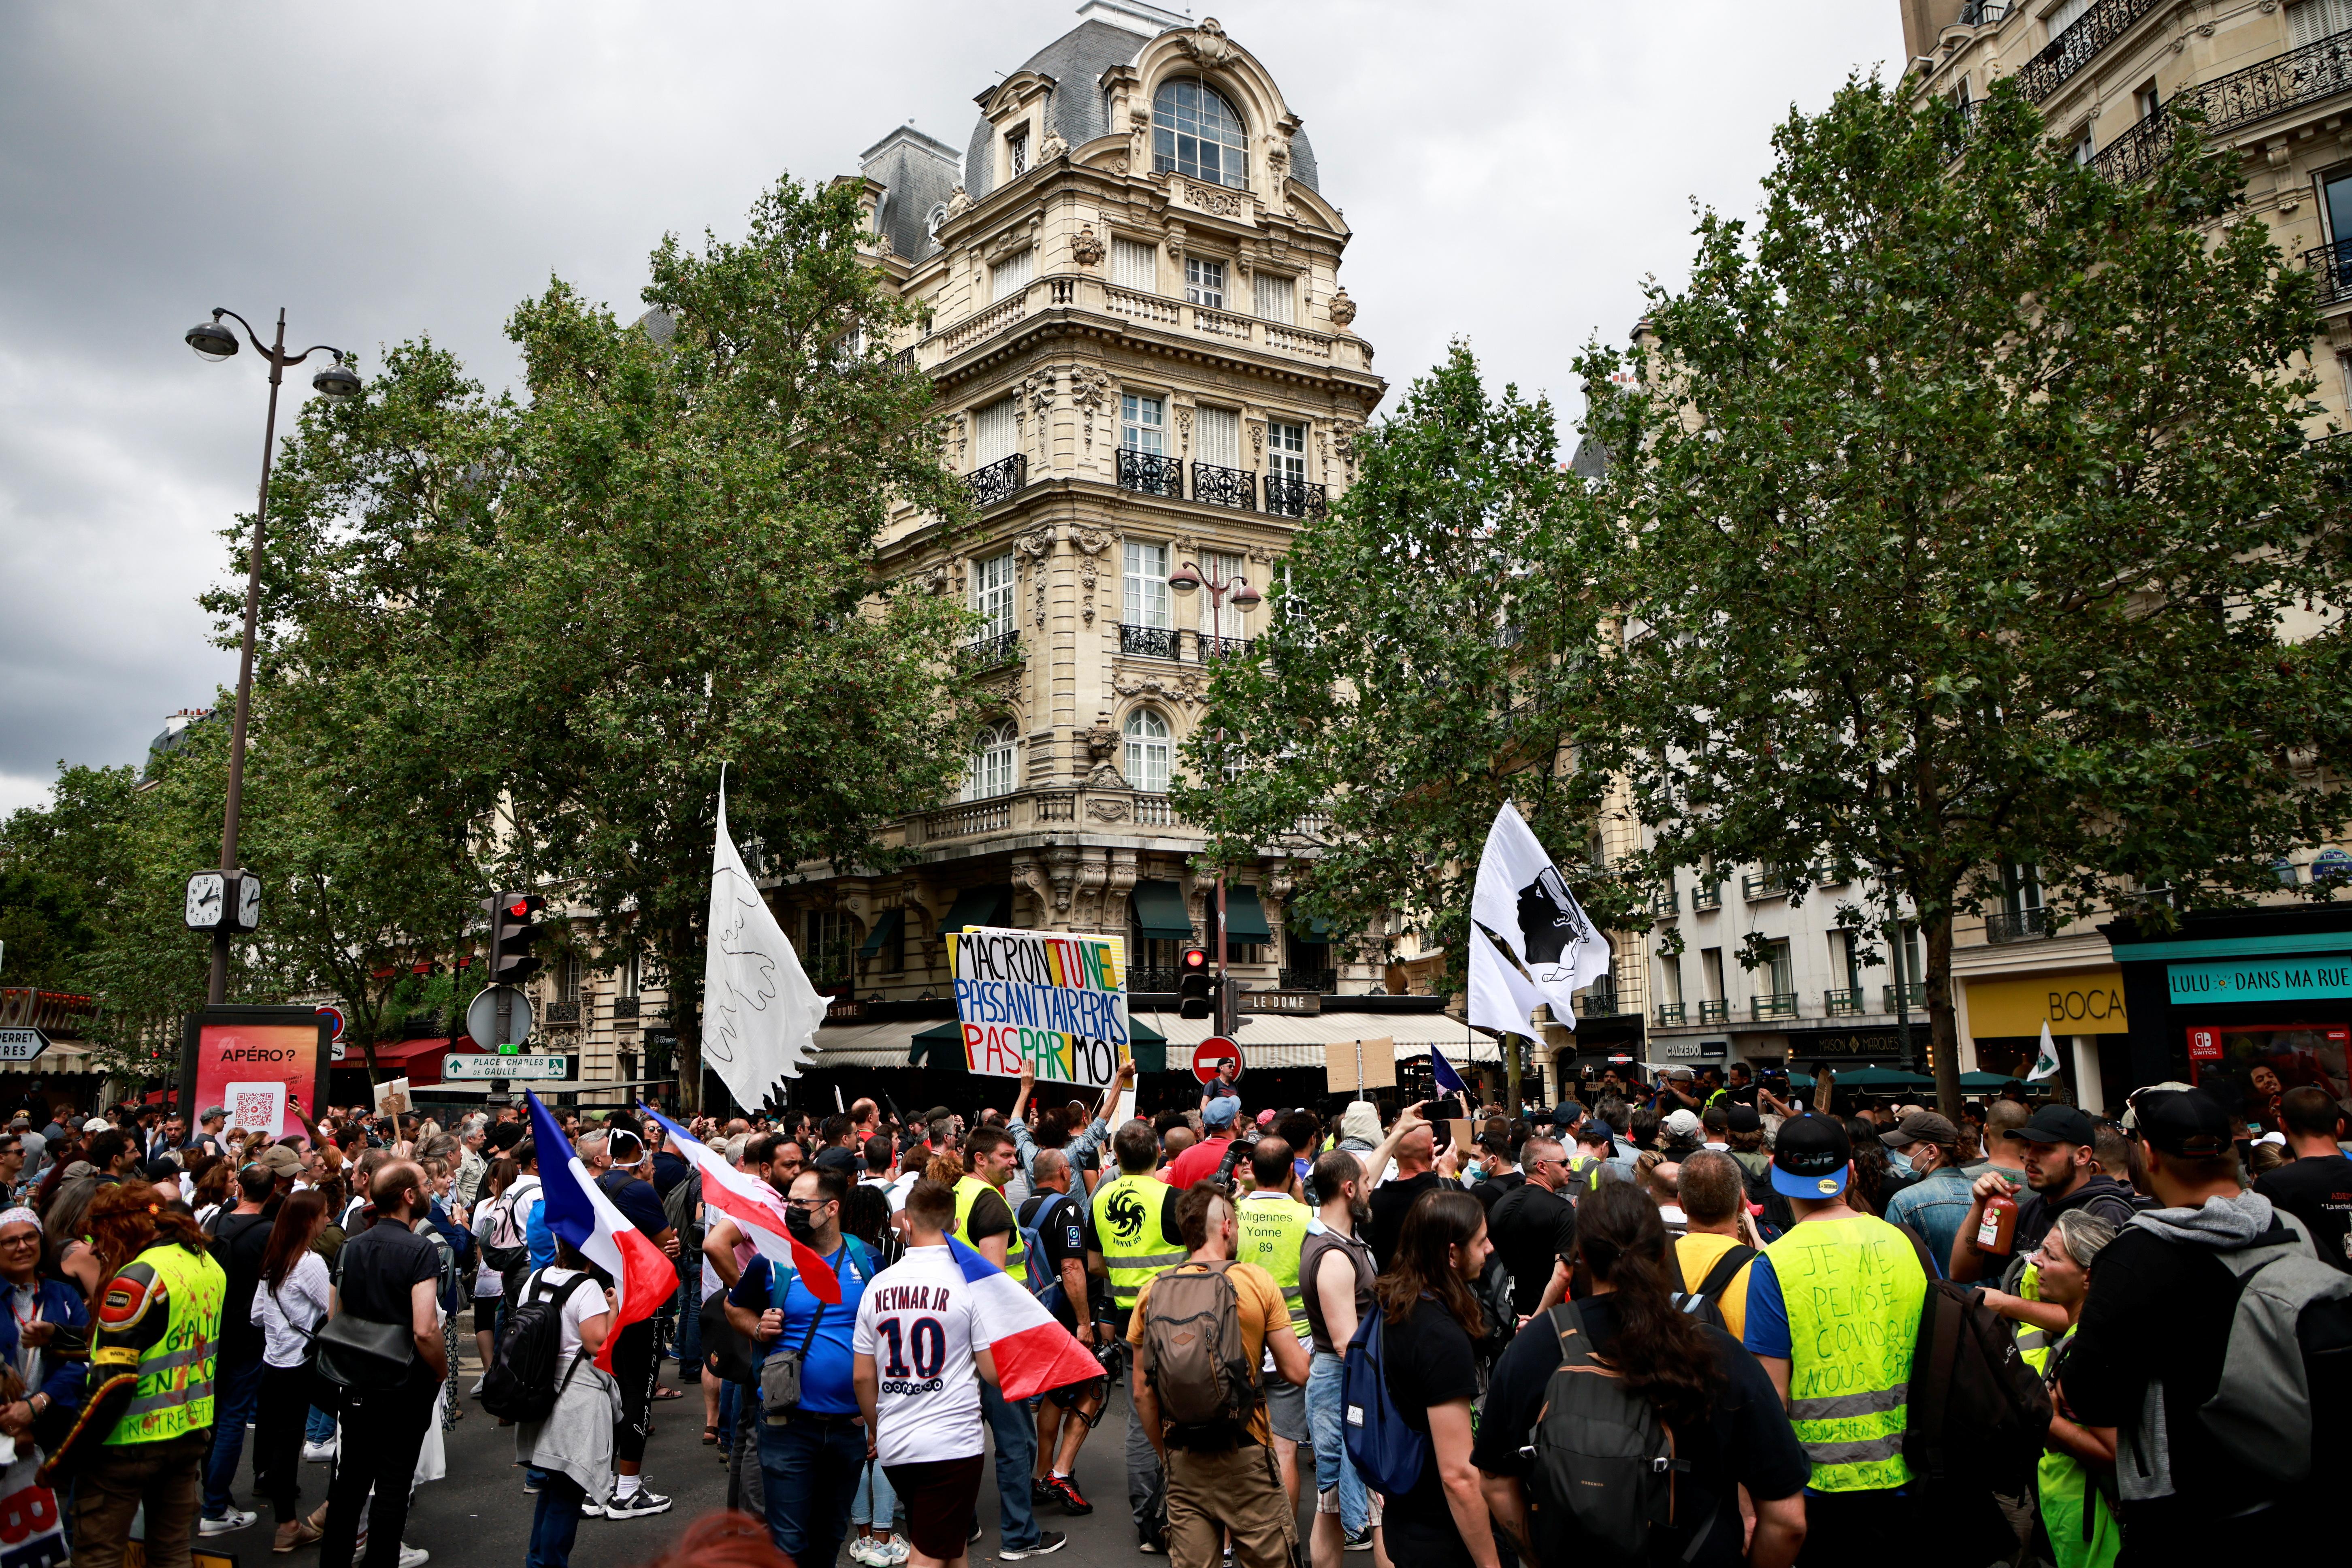 """Mae protestwyr yn mynychu gwrthdystiad a alwyd gan y mudiad """"fest felen"""" (gilets jaunes) yn erbyn cyfyngiadau Ffrainc, gan gynnwys tocyn iechyd gorfodol, i frwydro yn erbyn yr achosion o glefyd coronafirws (COVID-19), ym Mharis, Ffrainc, Gorffennaf 31, 2021. REUTERS / Sarah Meyssonnier"""